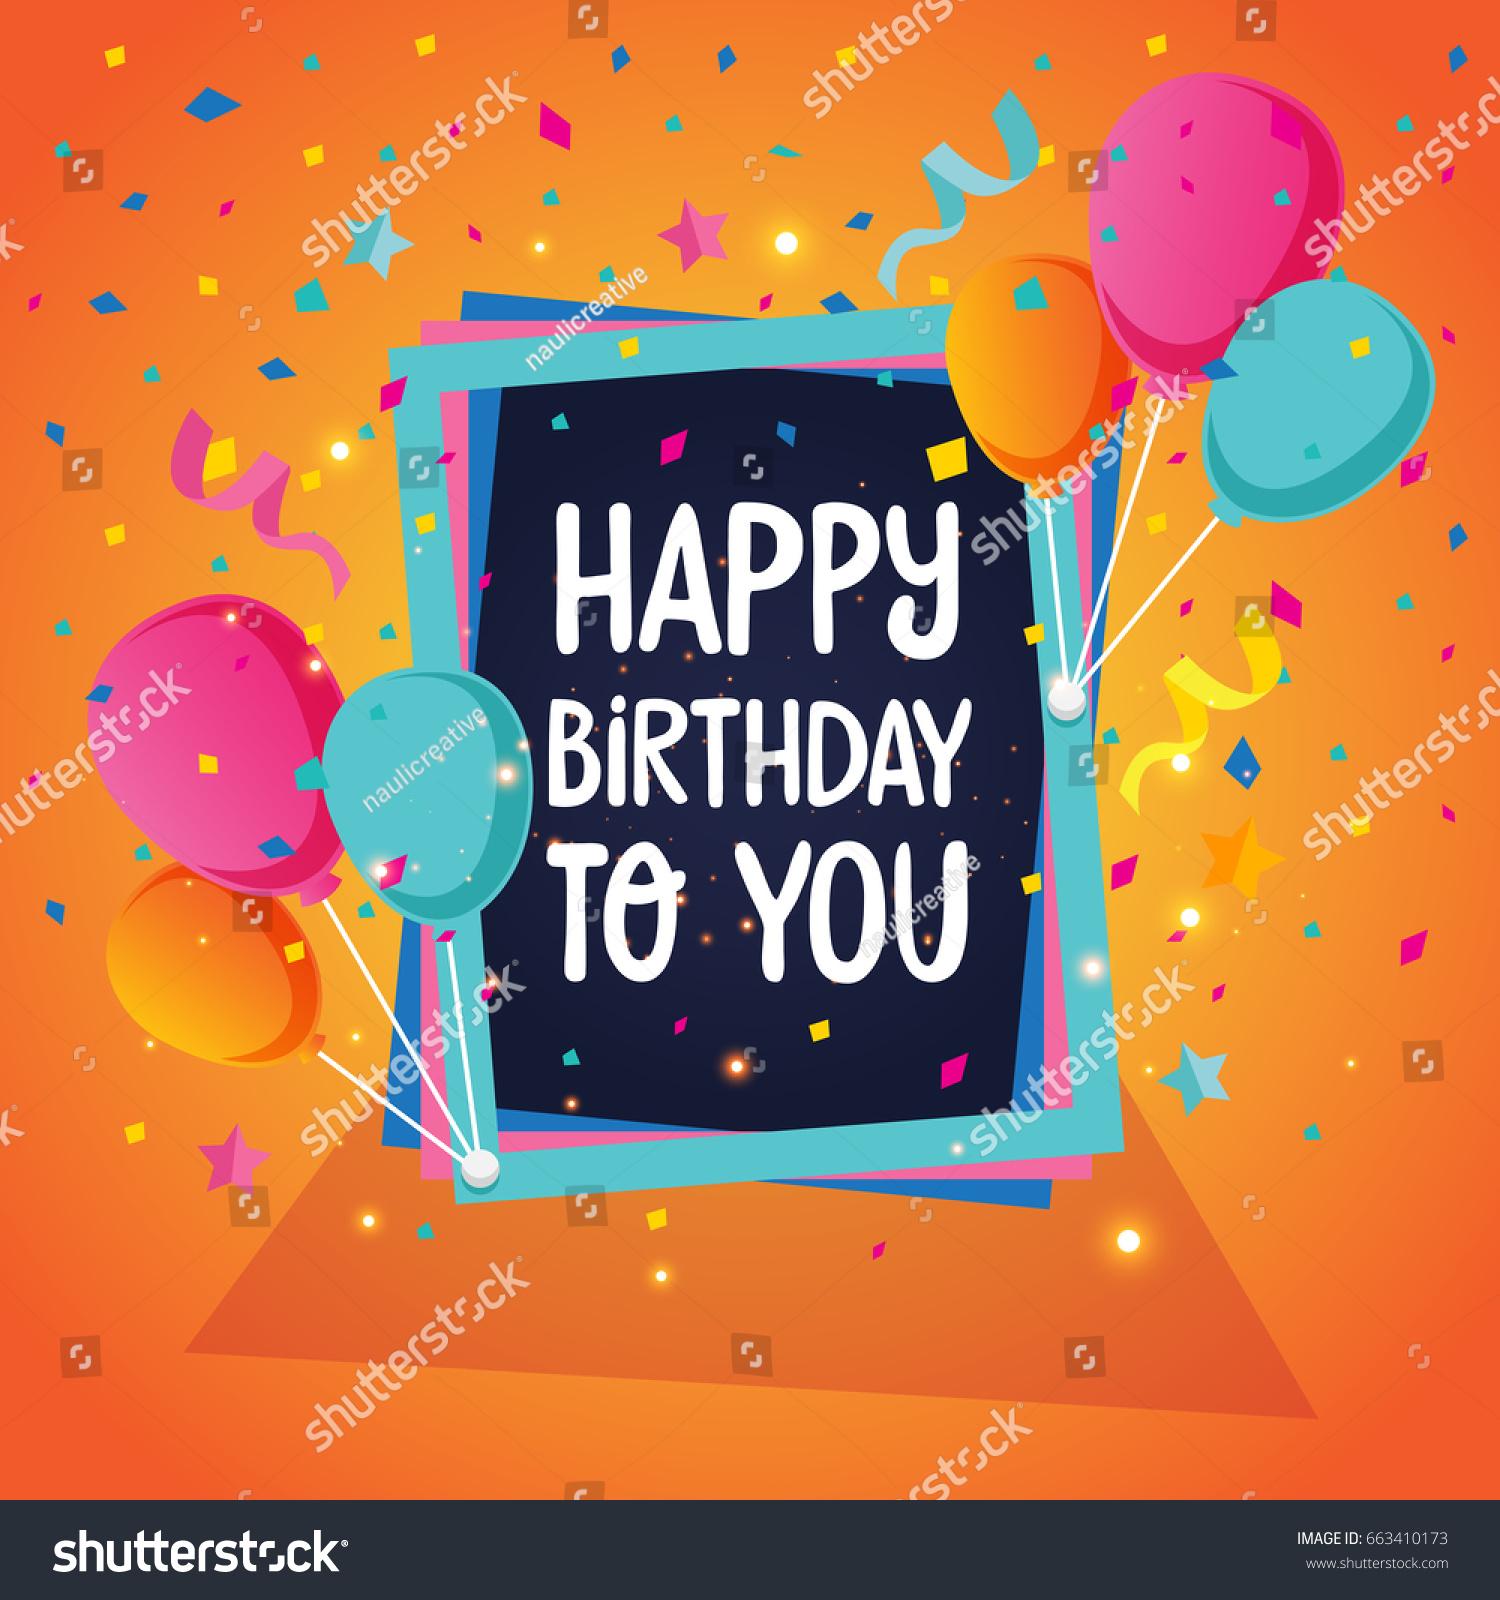 Birthday Card Surprise Choice Image Free Birthday Cards